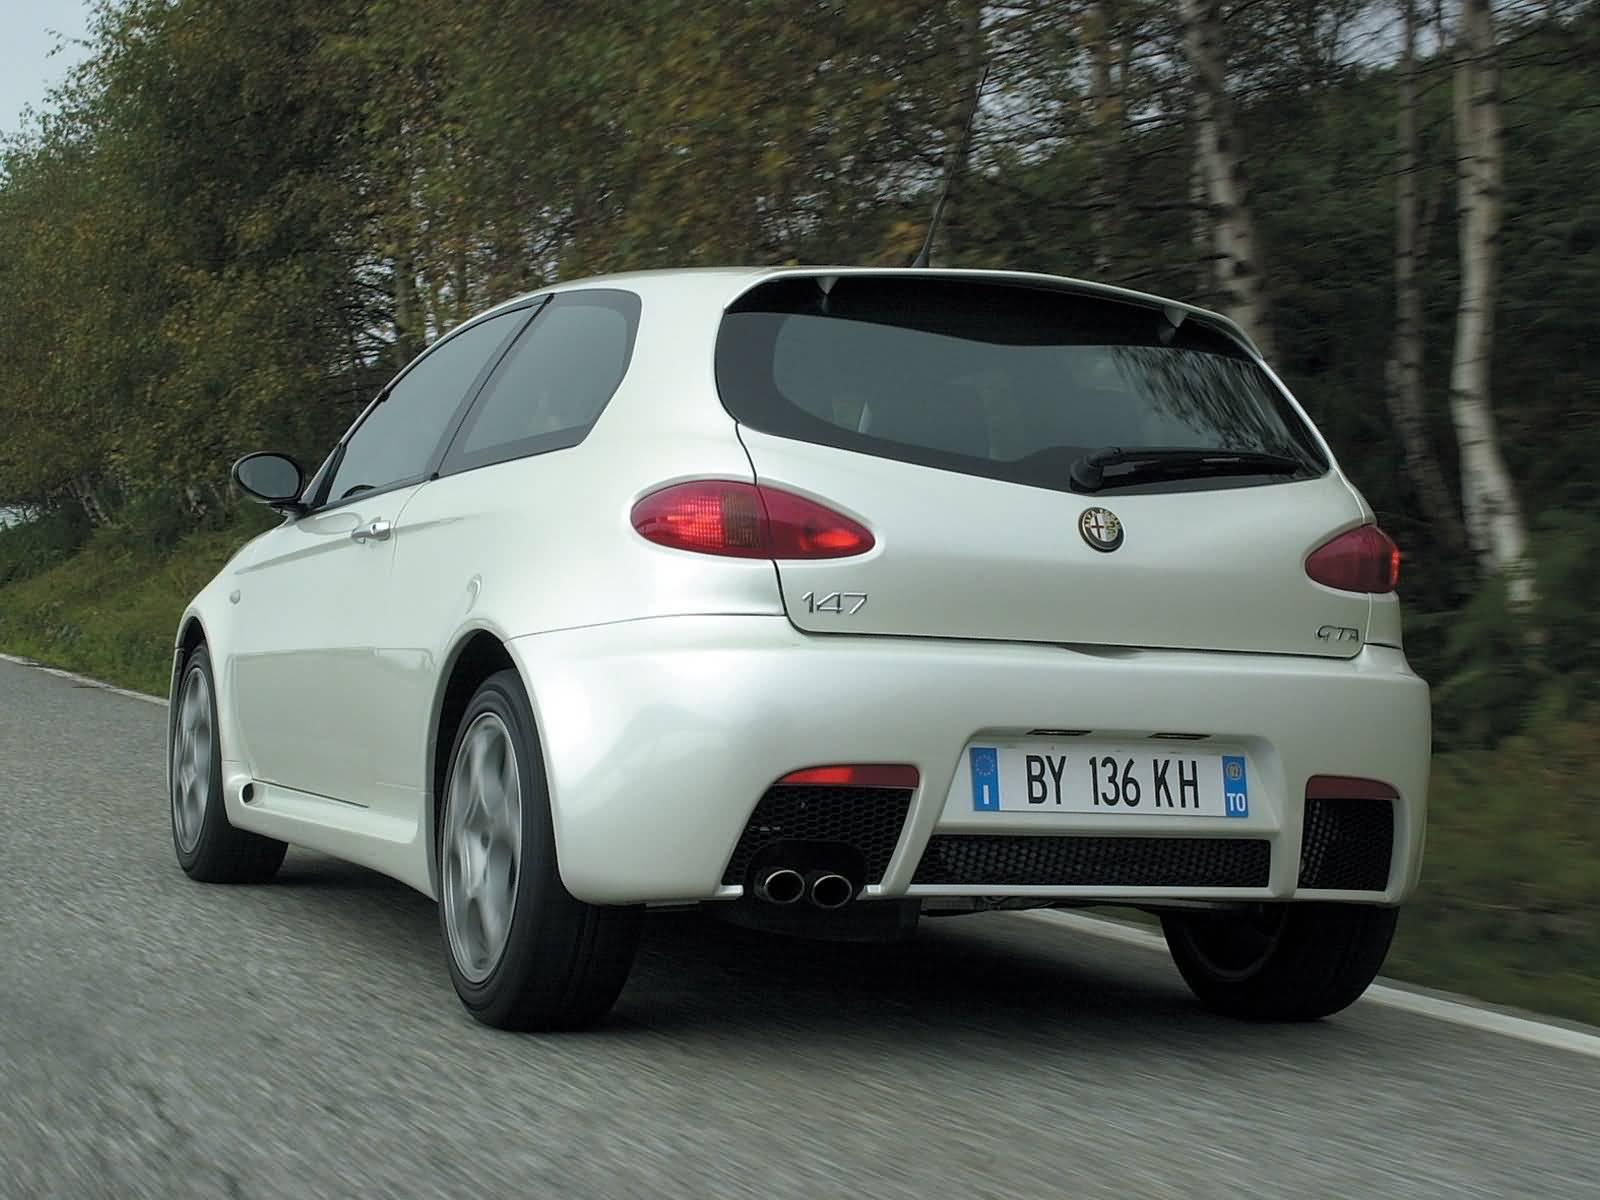 Back side of beautiful white colour Alfa Romeo 147 GTA Car on the road